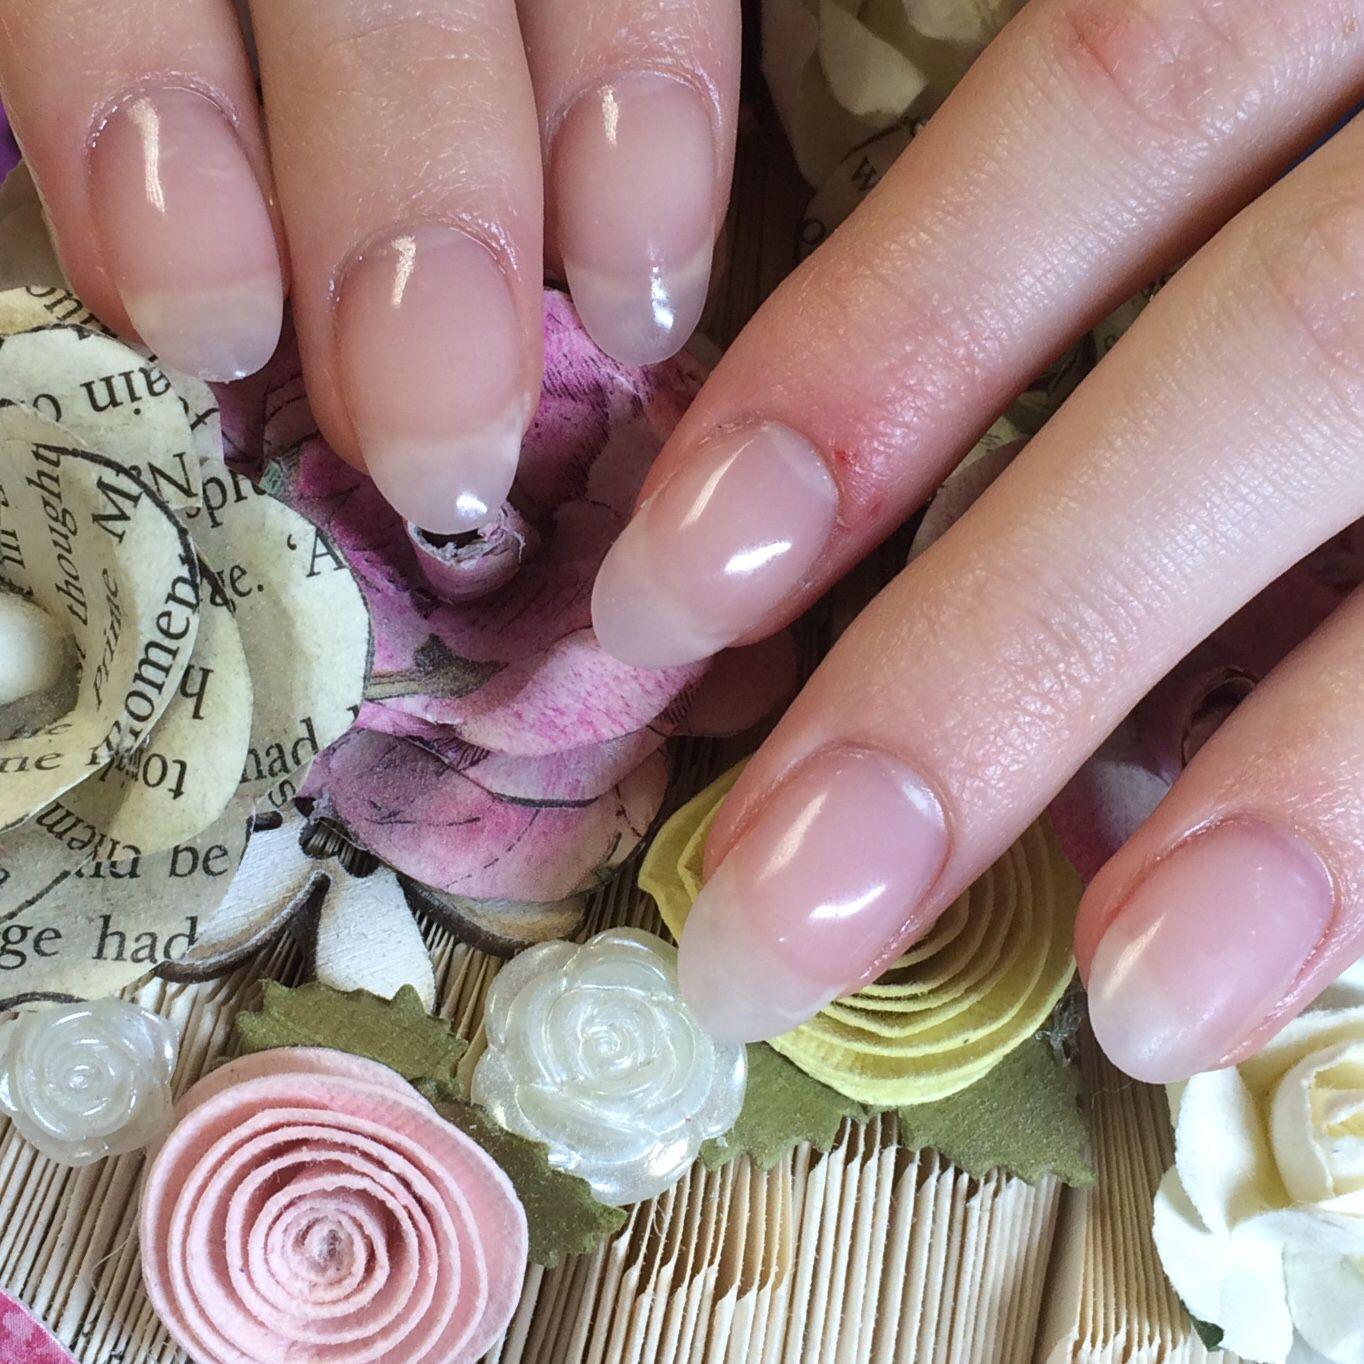 Beautiful Natural Looking Nails Half Extensions And Half Real Using Hand Nail Harmony Polygel In Lightpink Wedding Nail Polish Nails Nail Polish Designs